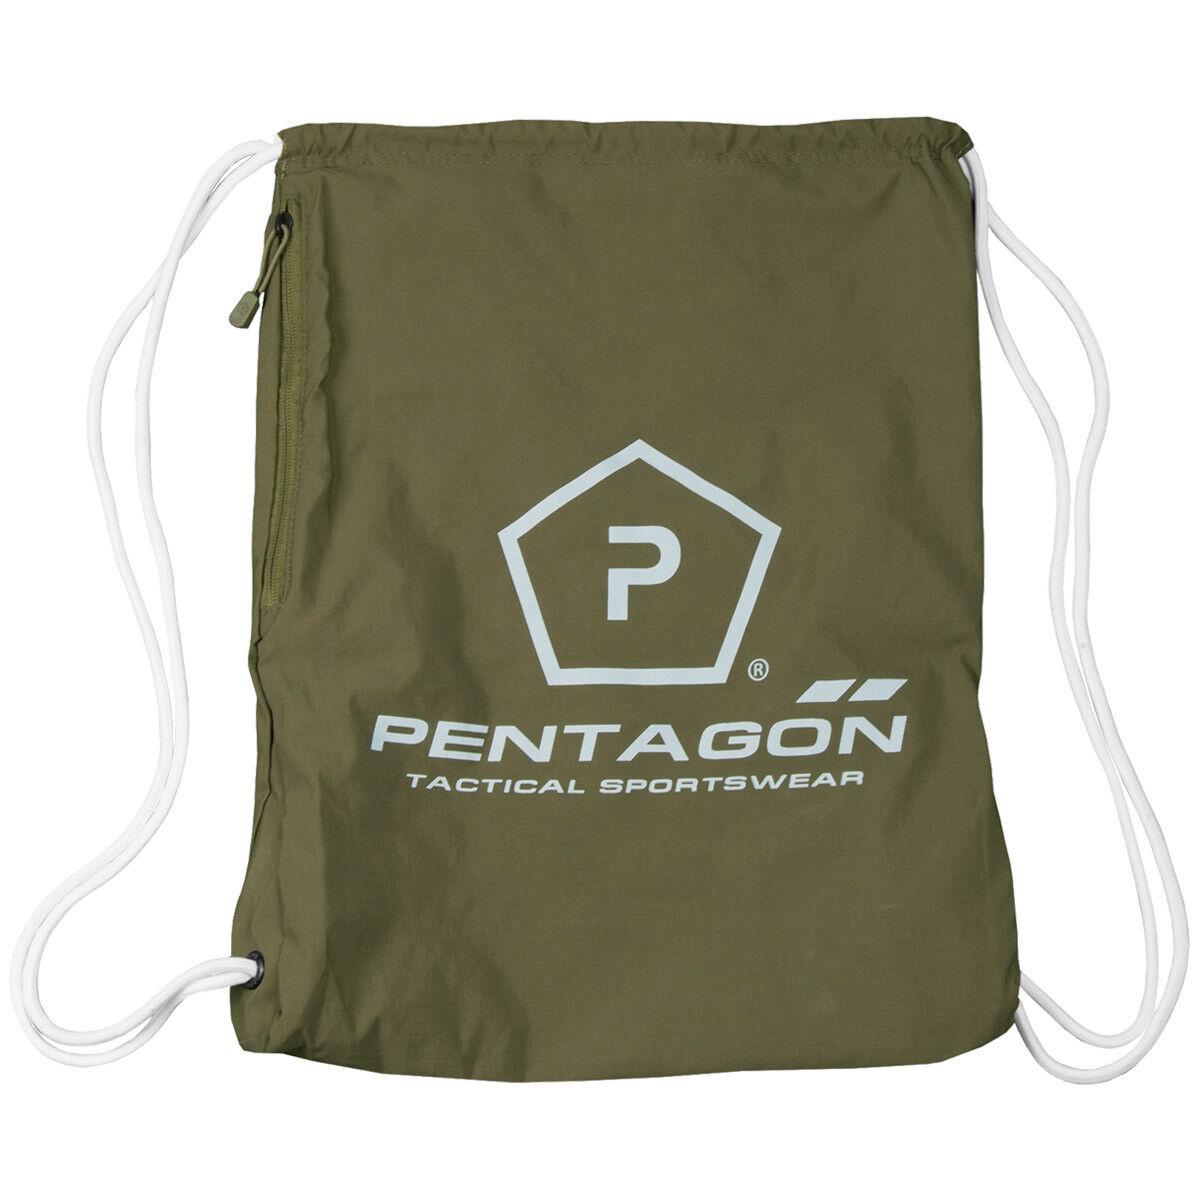 Pentagon Logo Militaire Moho Gym Sac Épaule Pack Sport Caché Caché Caché Portent Olive 4620ab